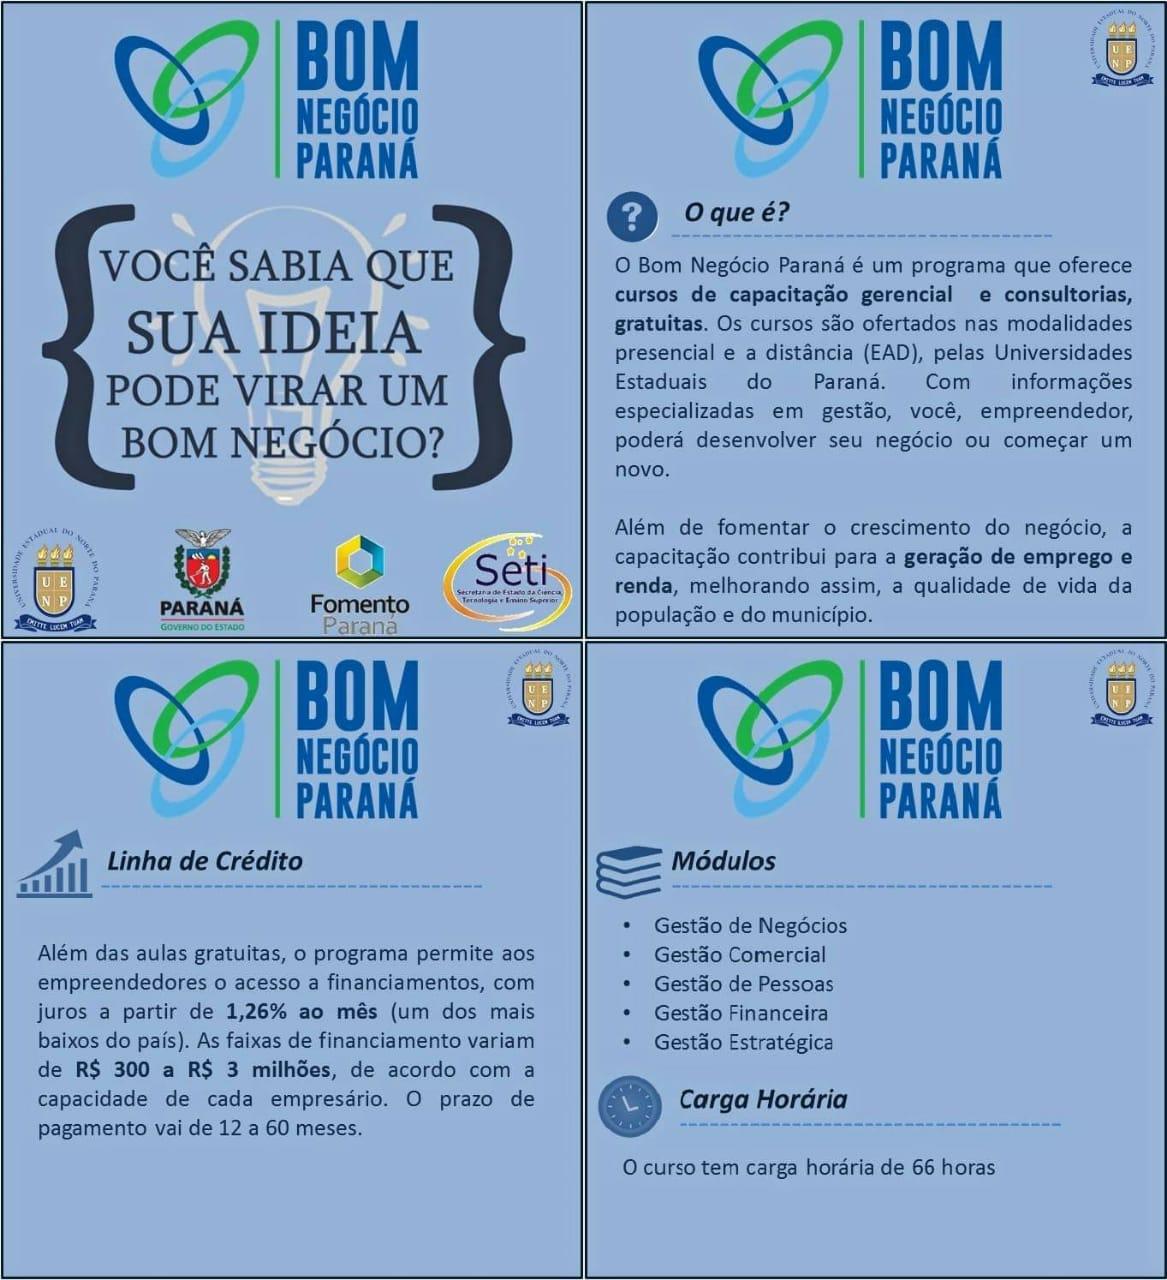 PREFEITURA MUNICIPAL ABRE INSCRIÇÕES  PARA CURSO DE CAPACITAÇÃO  GERENCIAL